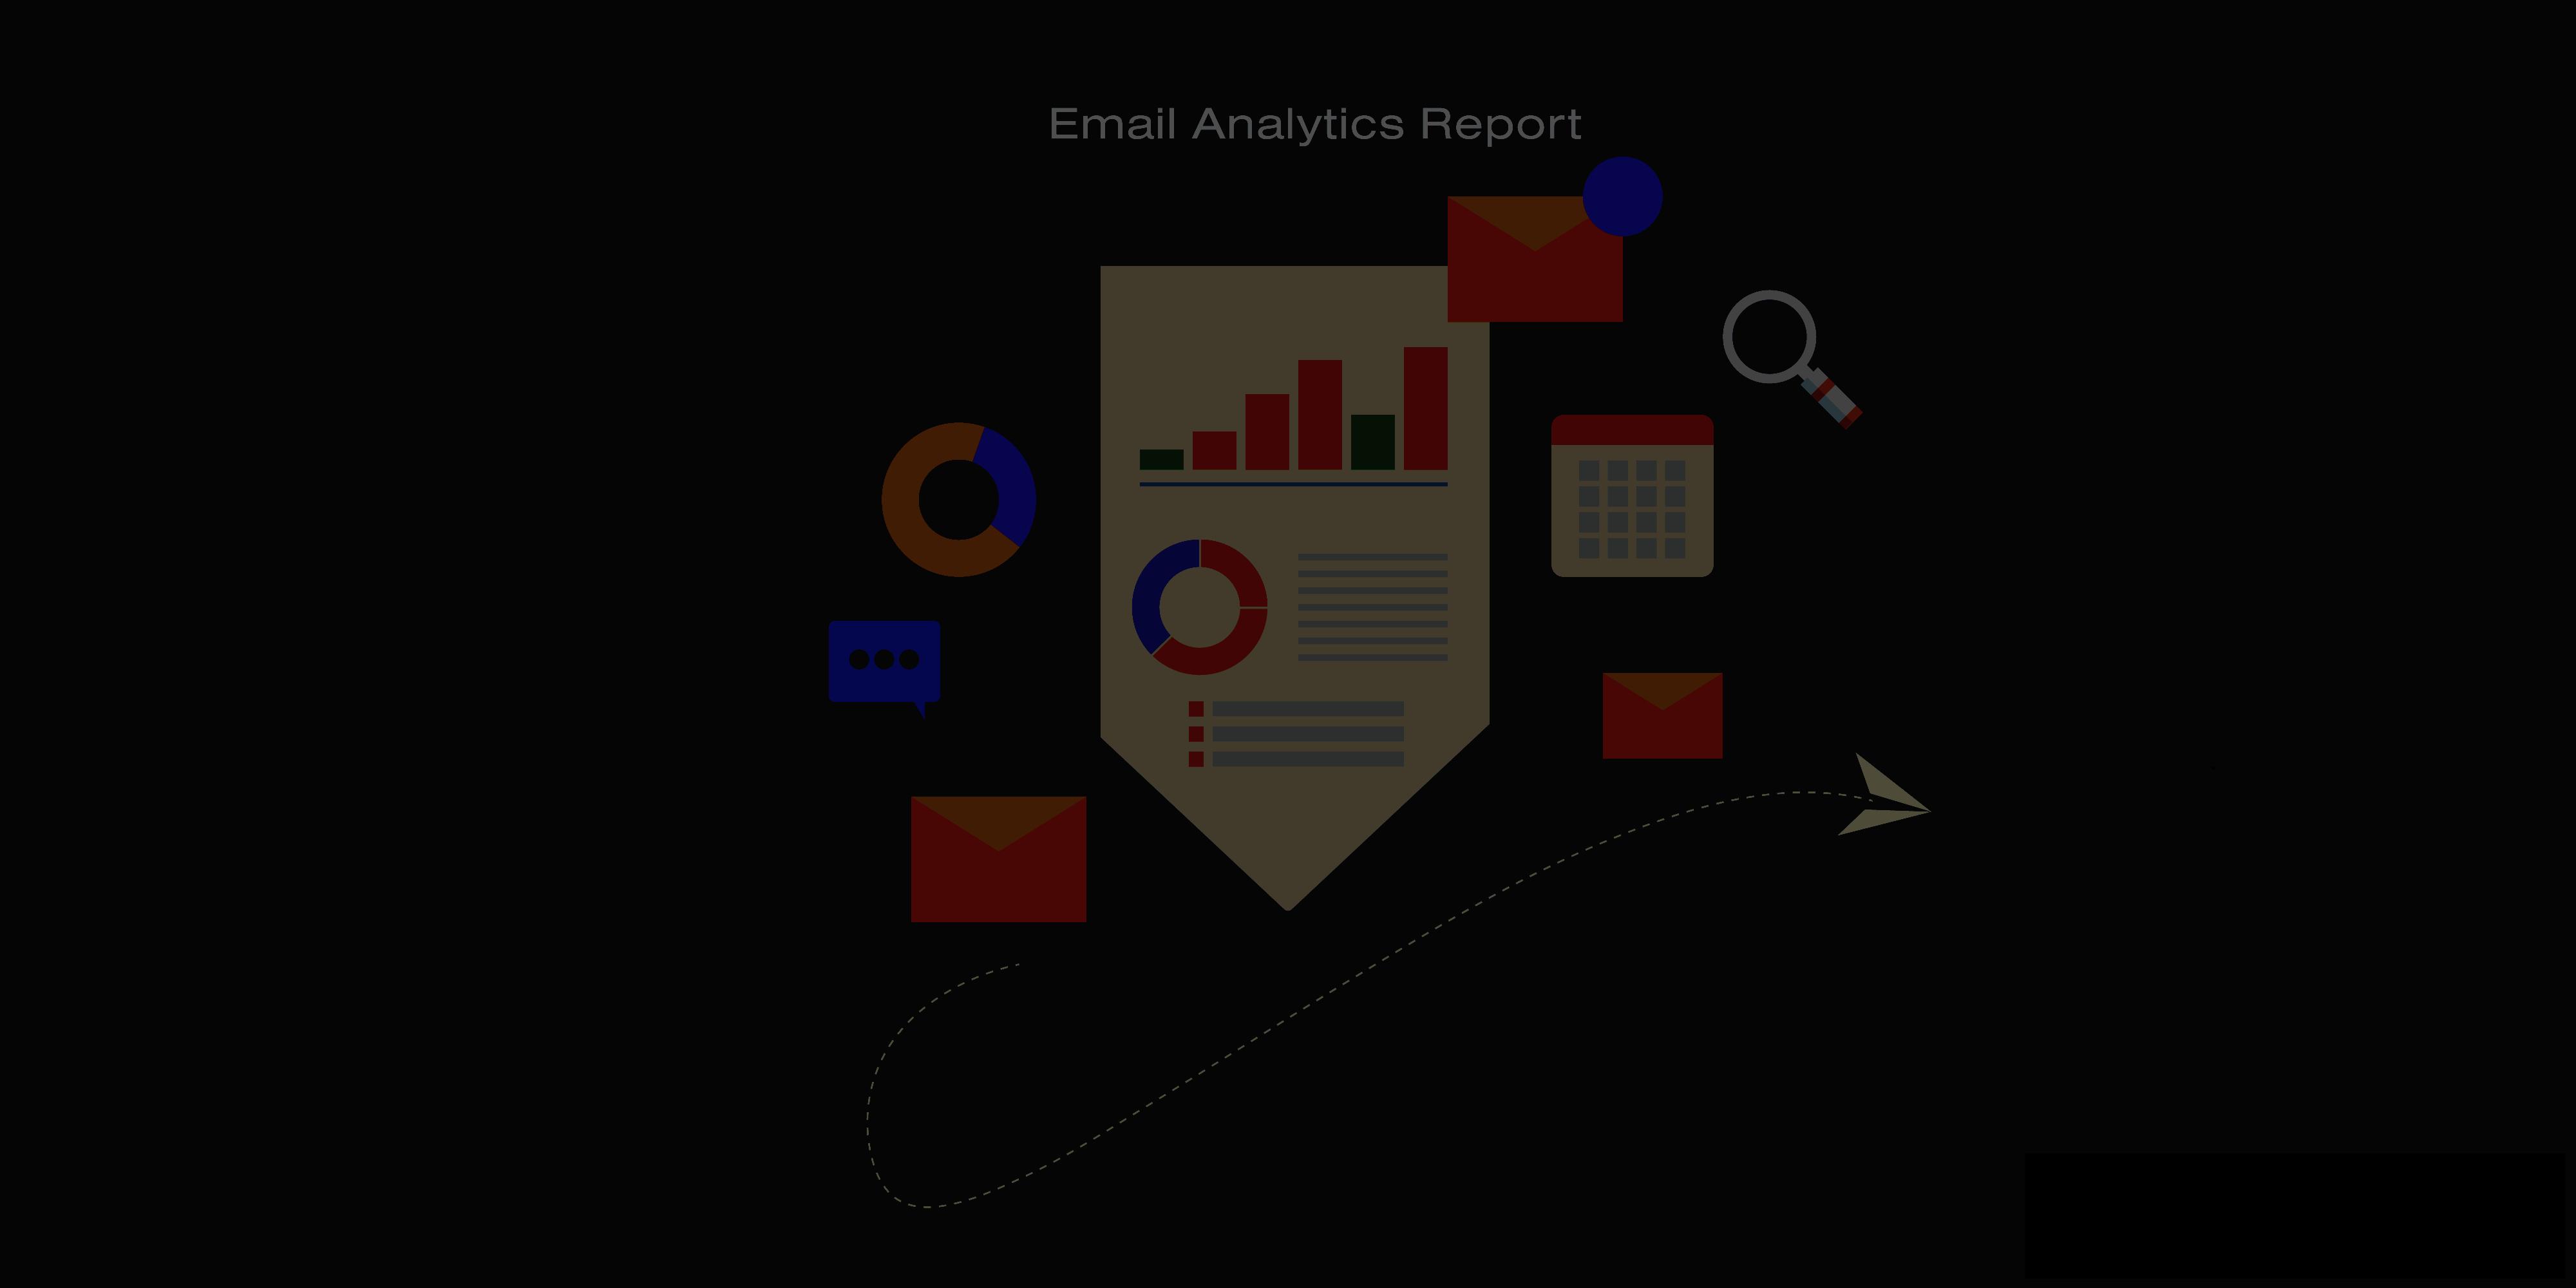 Les KPI's emailing indispensables pour vos campagnes d'acquisition